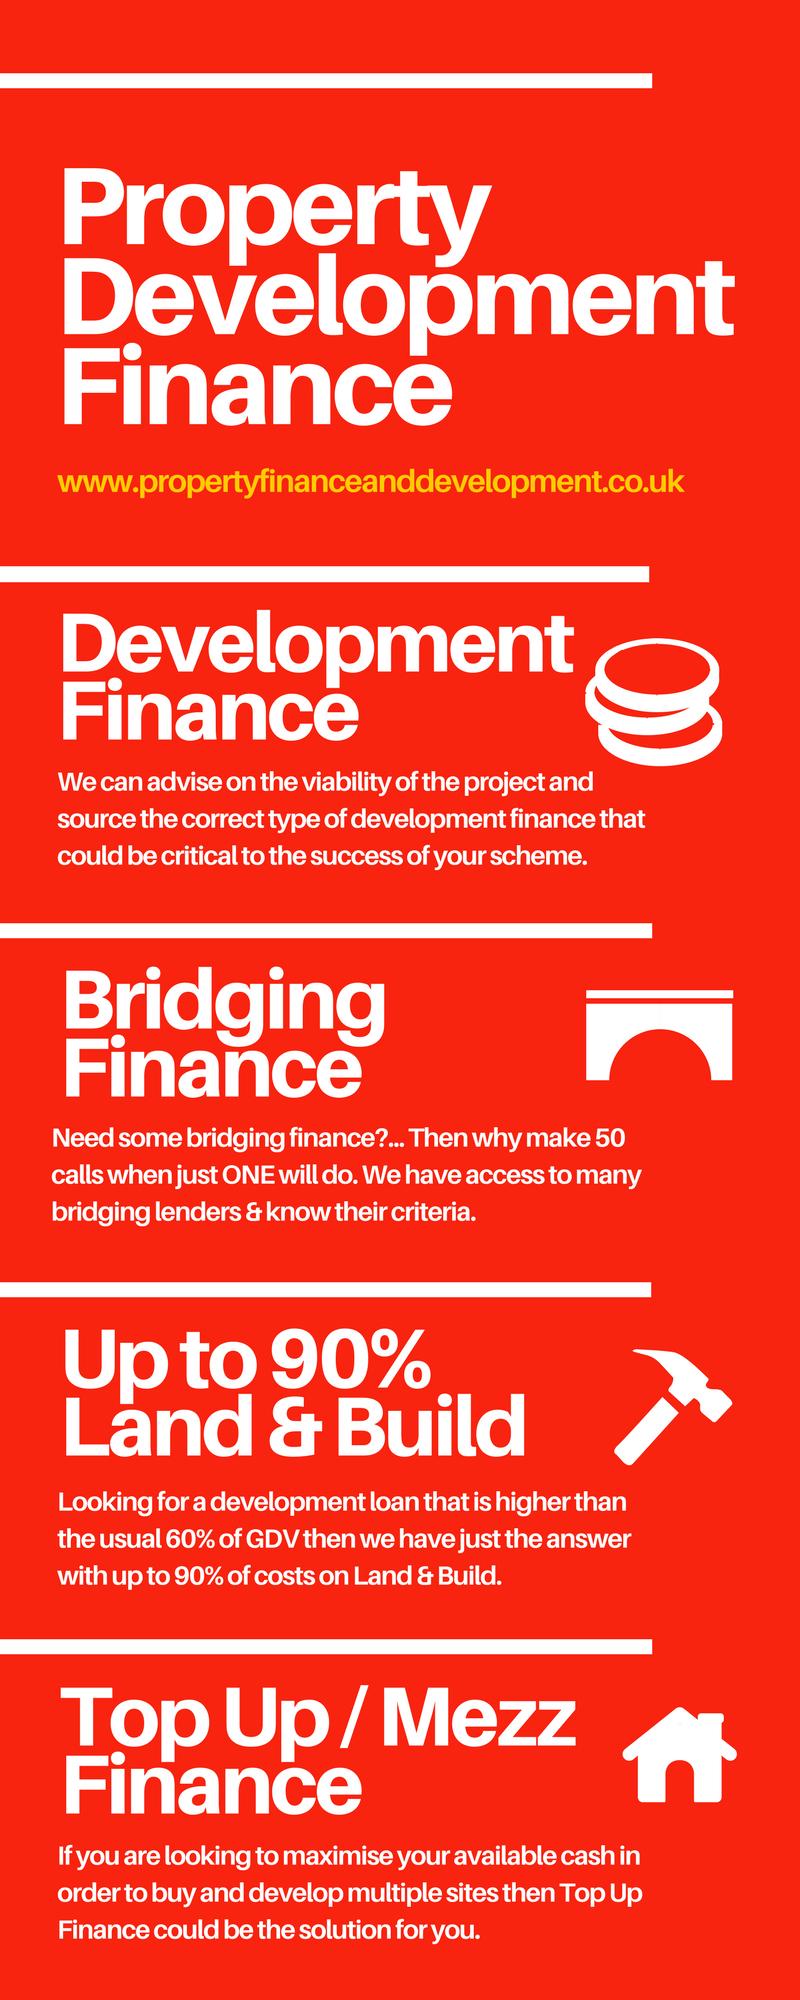 Property-development-finance-offerings-infographic-lkrllc